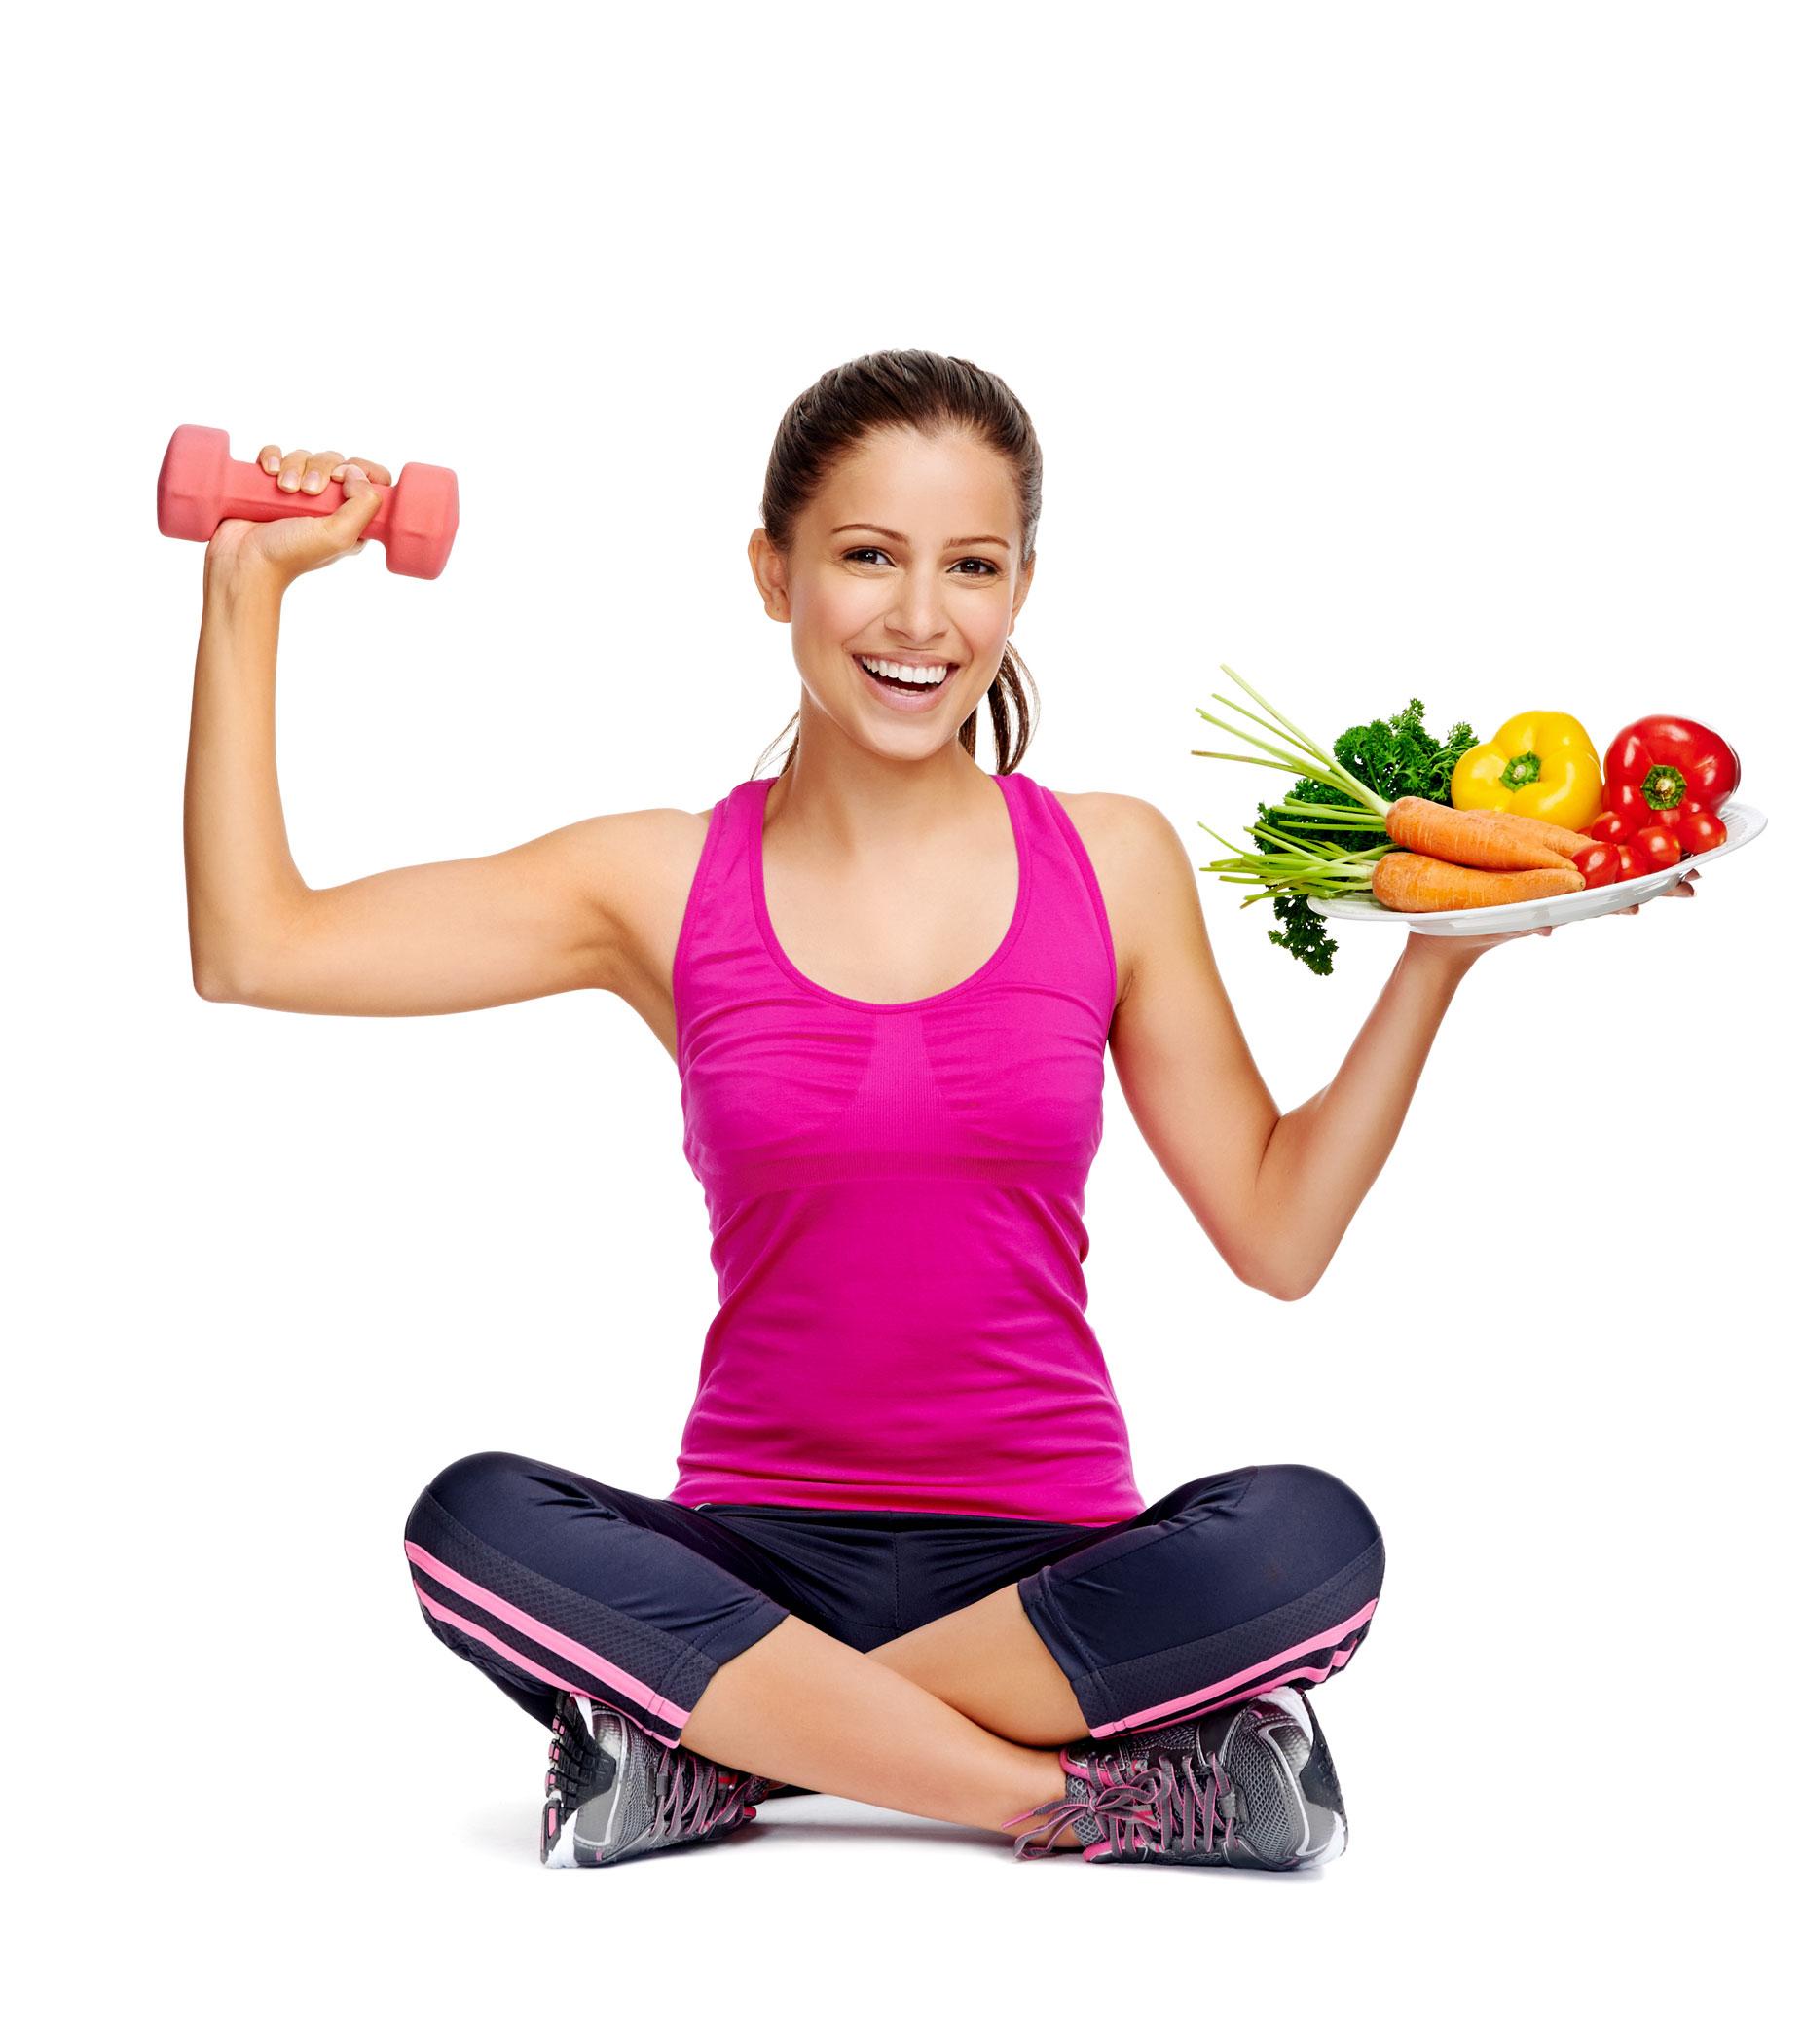 nutricion-ejercicios_PERIMA20140205_0009_1